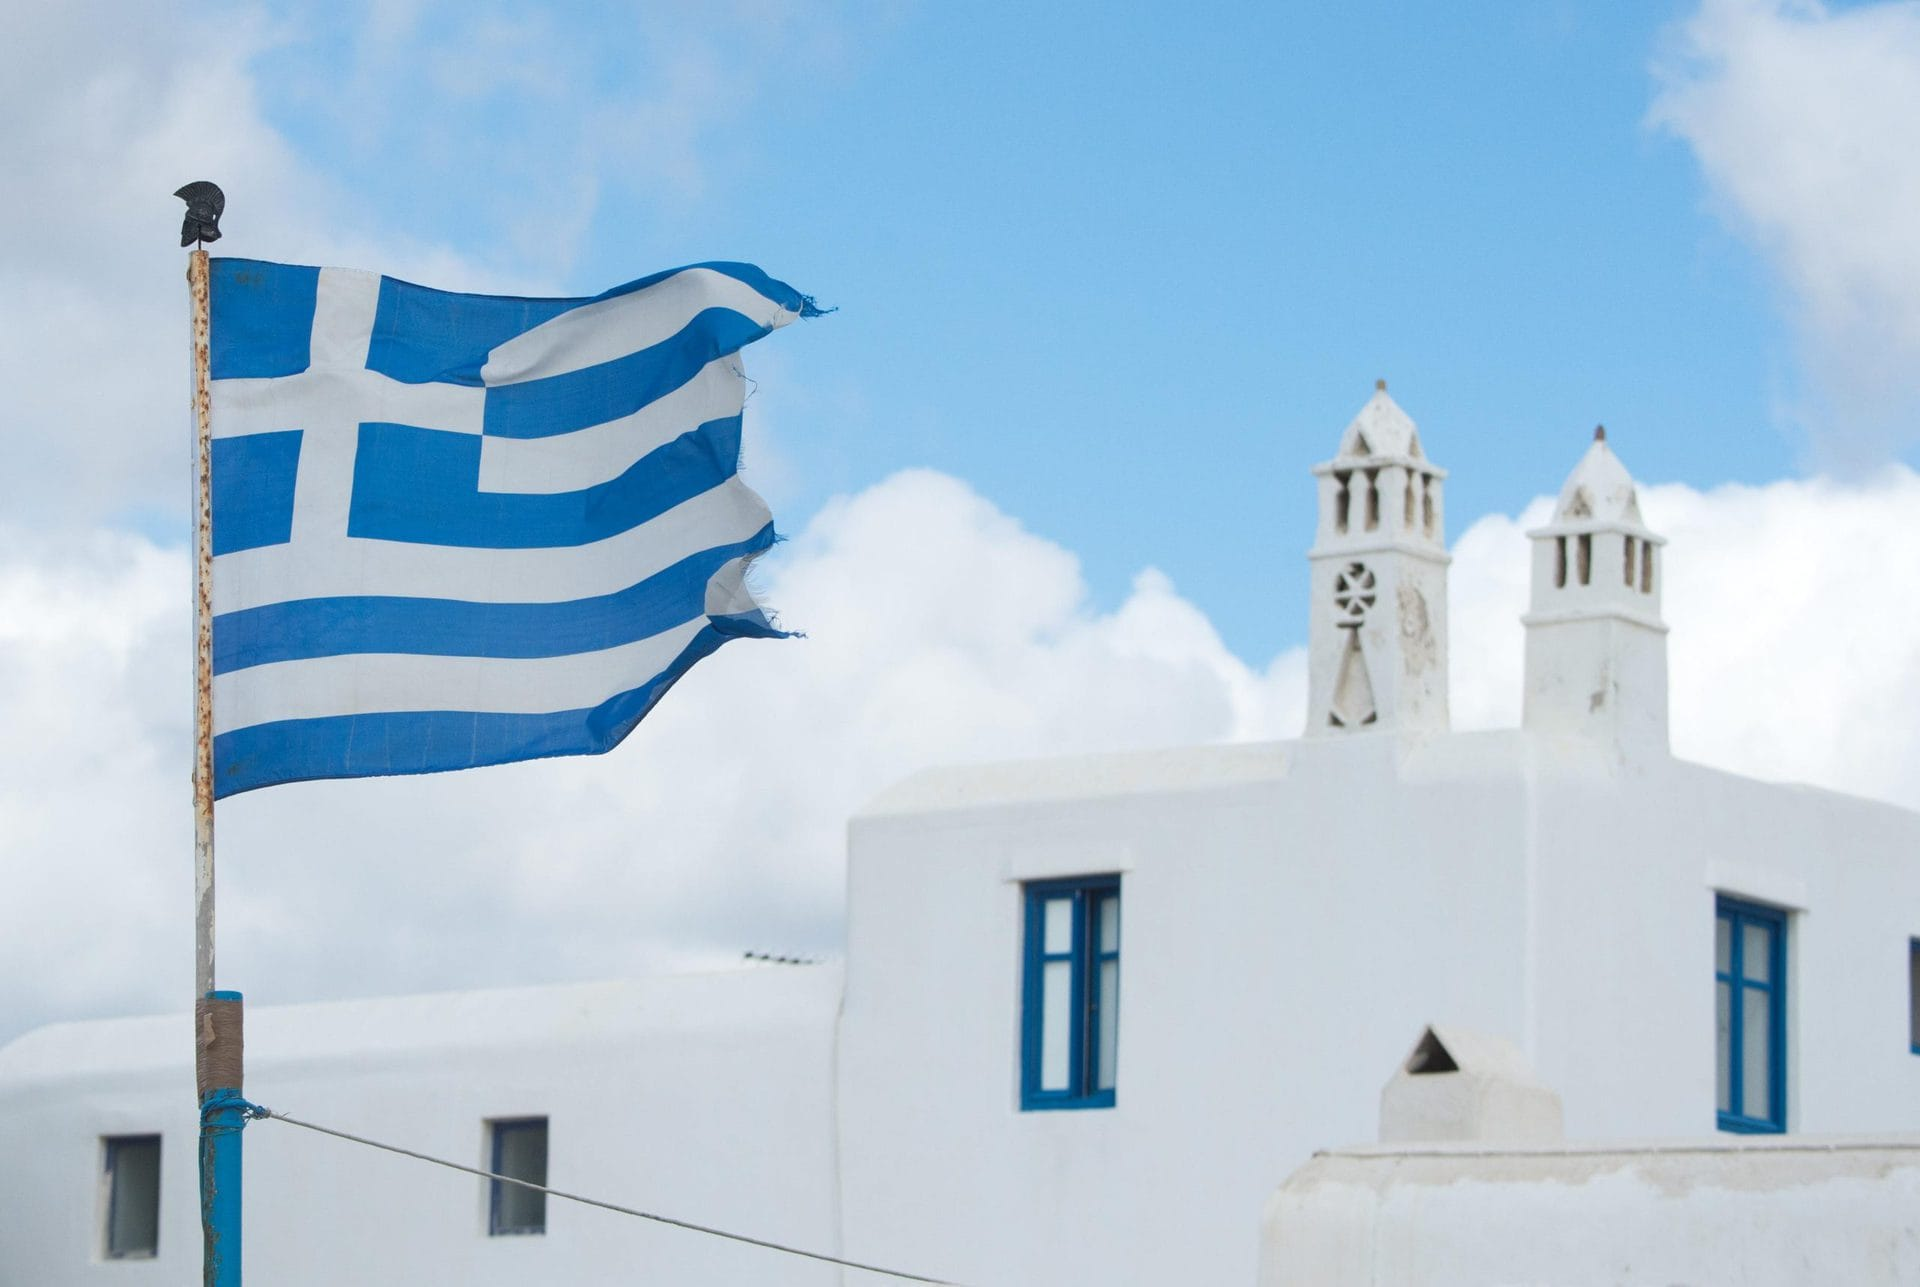 Griechische Urlaubsinseln sind nun Corona-Hochrisikogebiete Covid-19